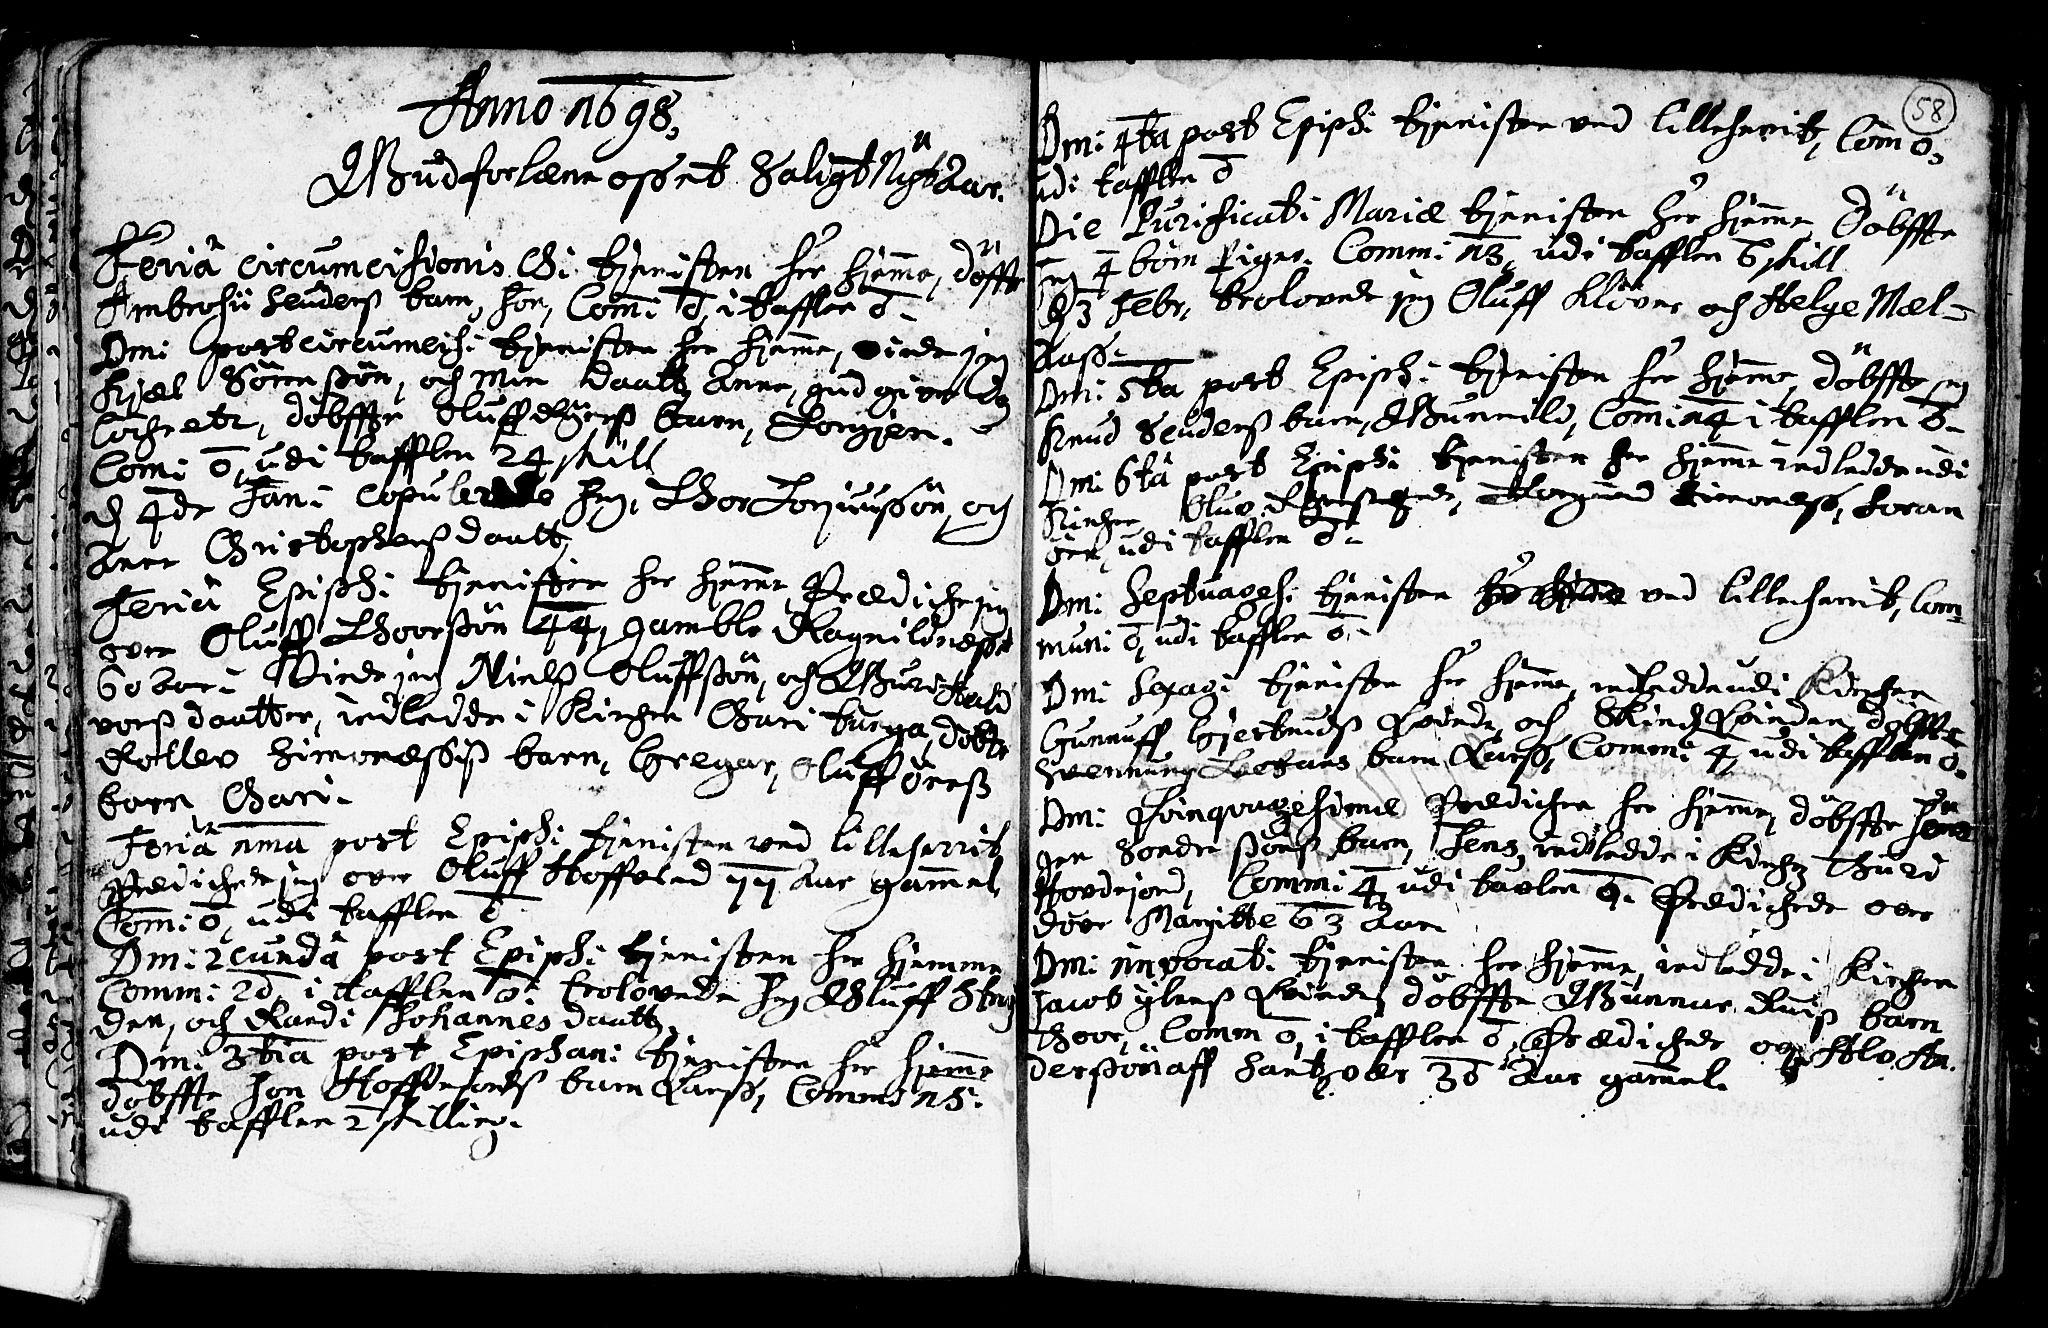 SAKO, Heddal kirkebøker, F/Fa/L0001: Ministerialbok nr. I 1, 1648-1699, s. 58